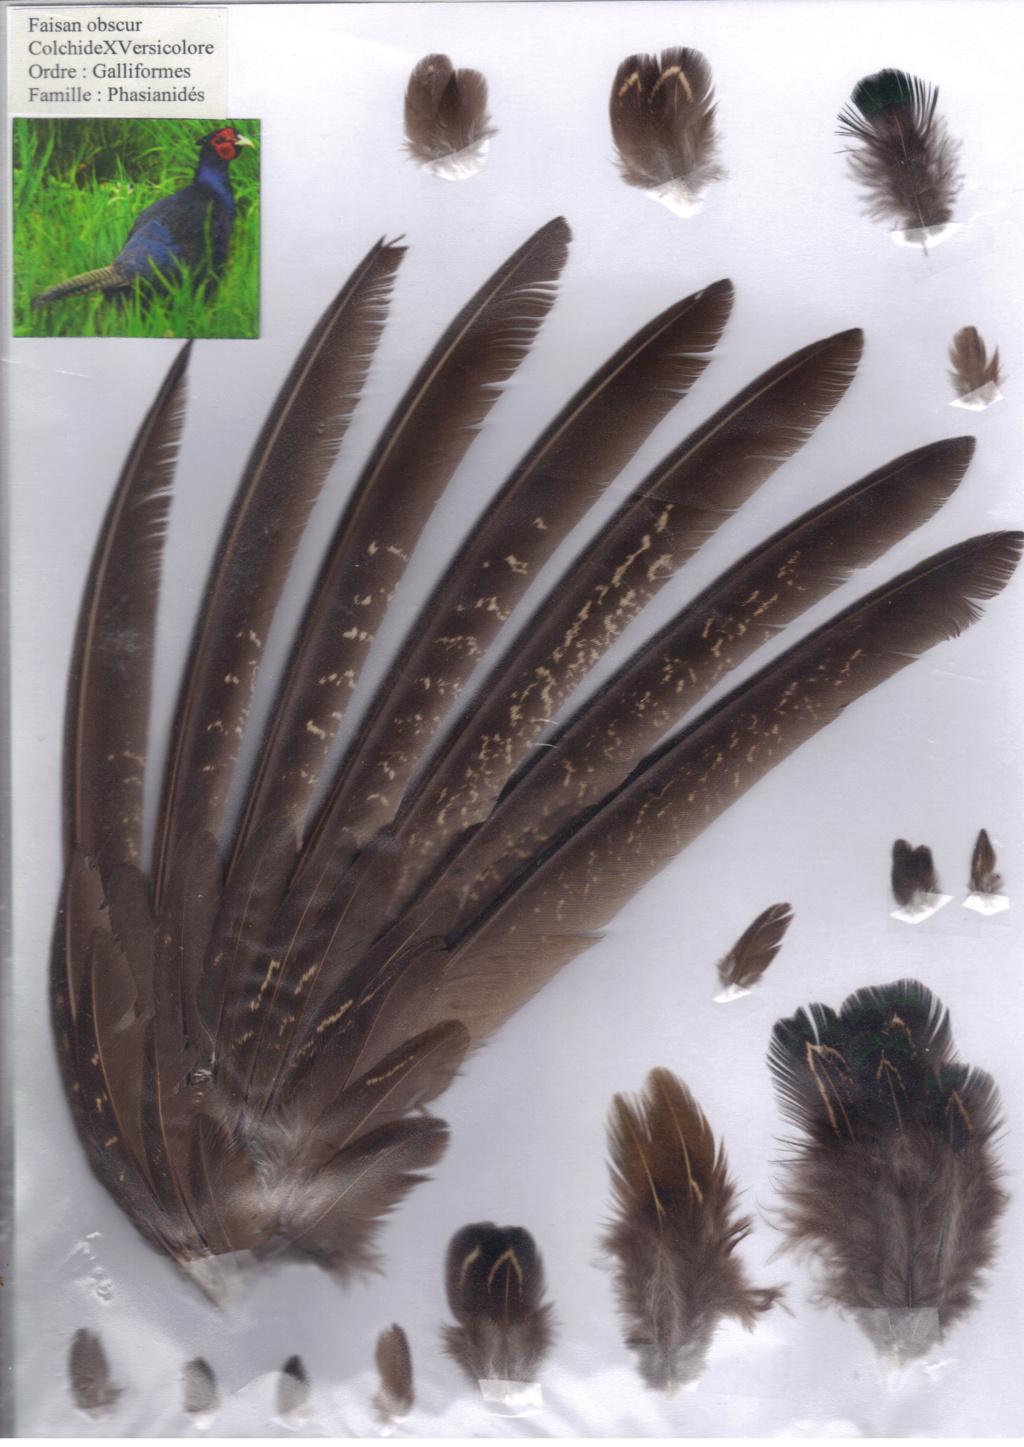 Faisan obscur (colchide x versicolore) Faisan17